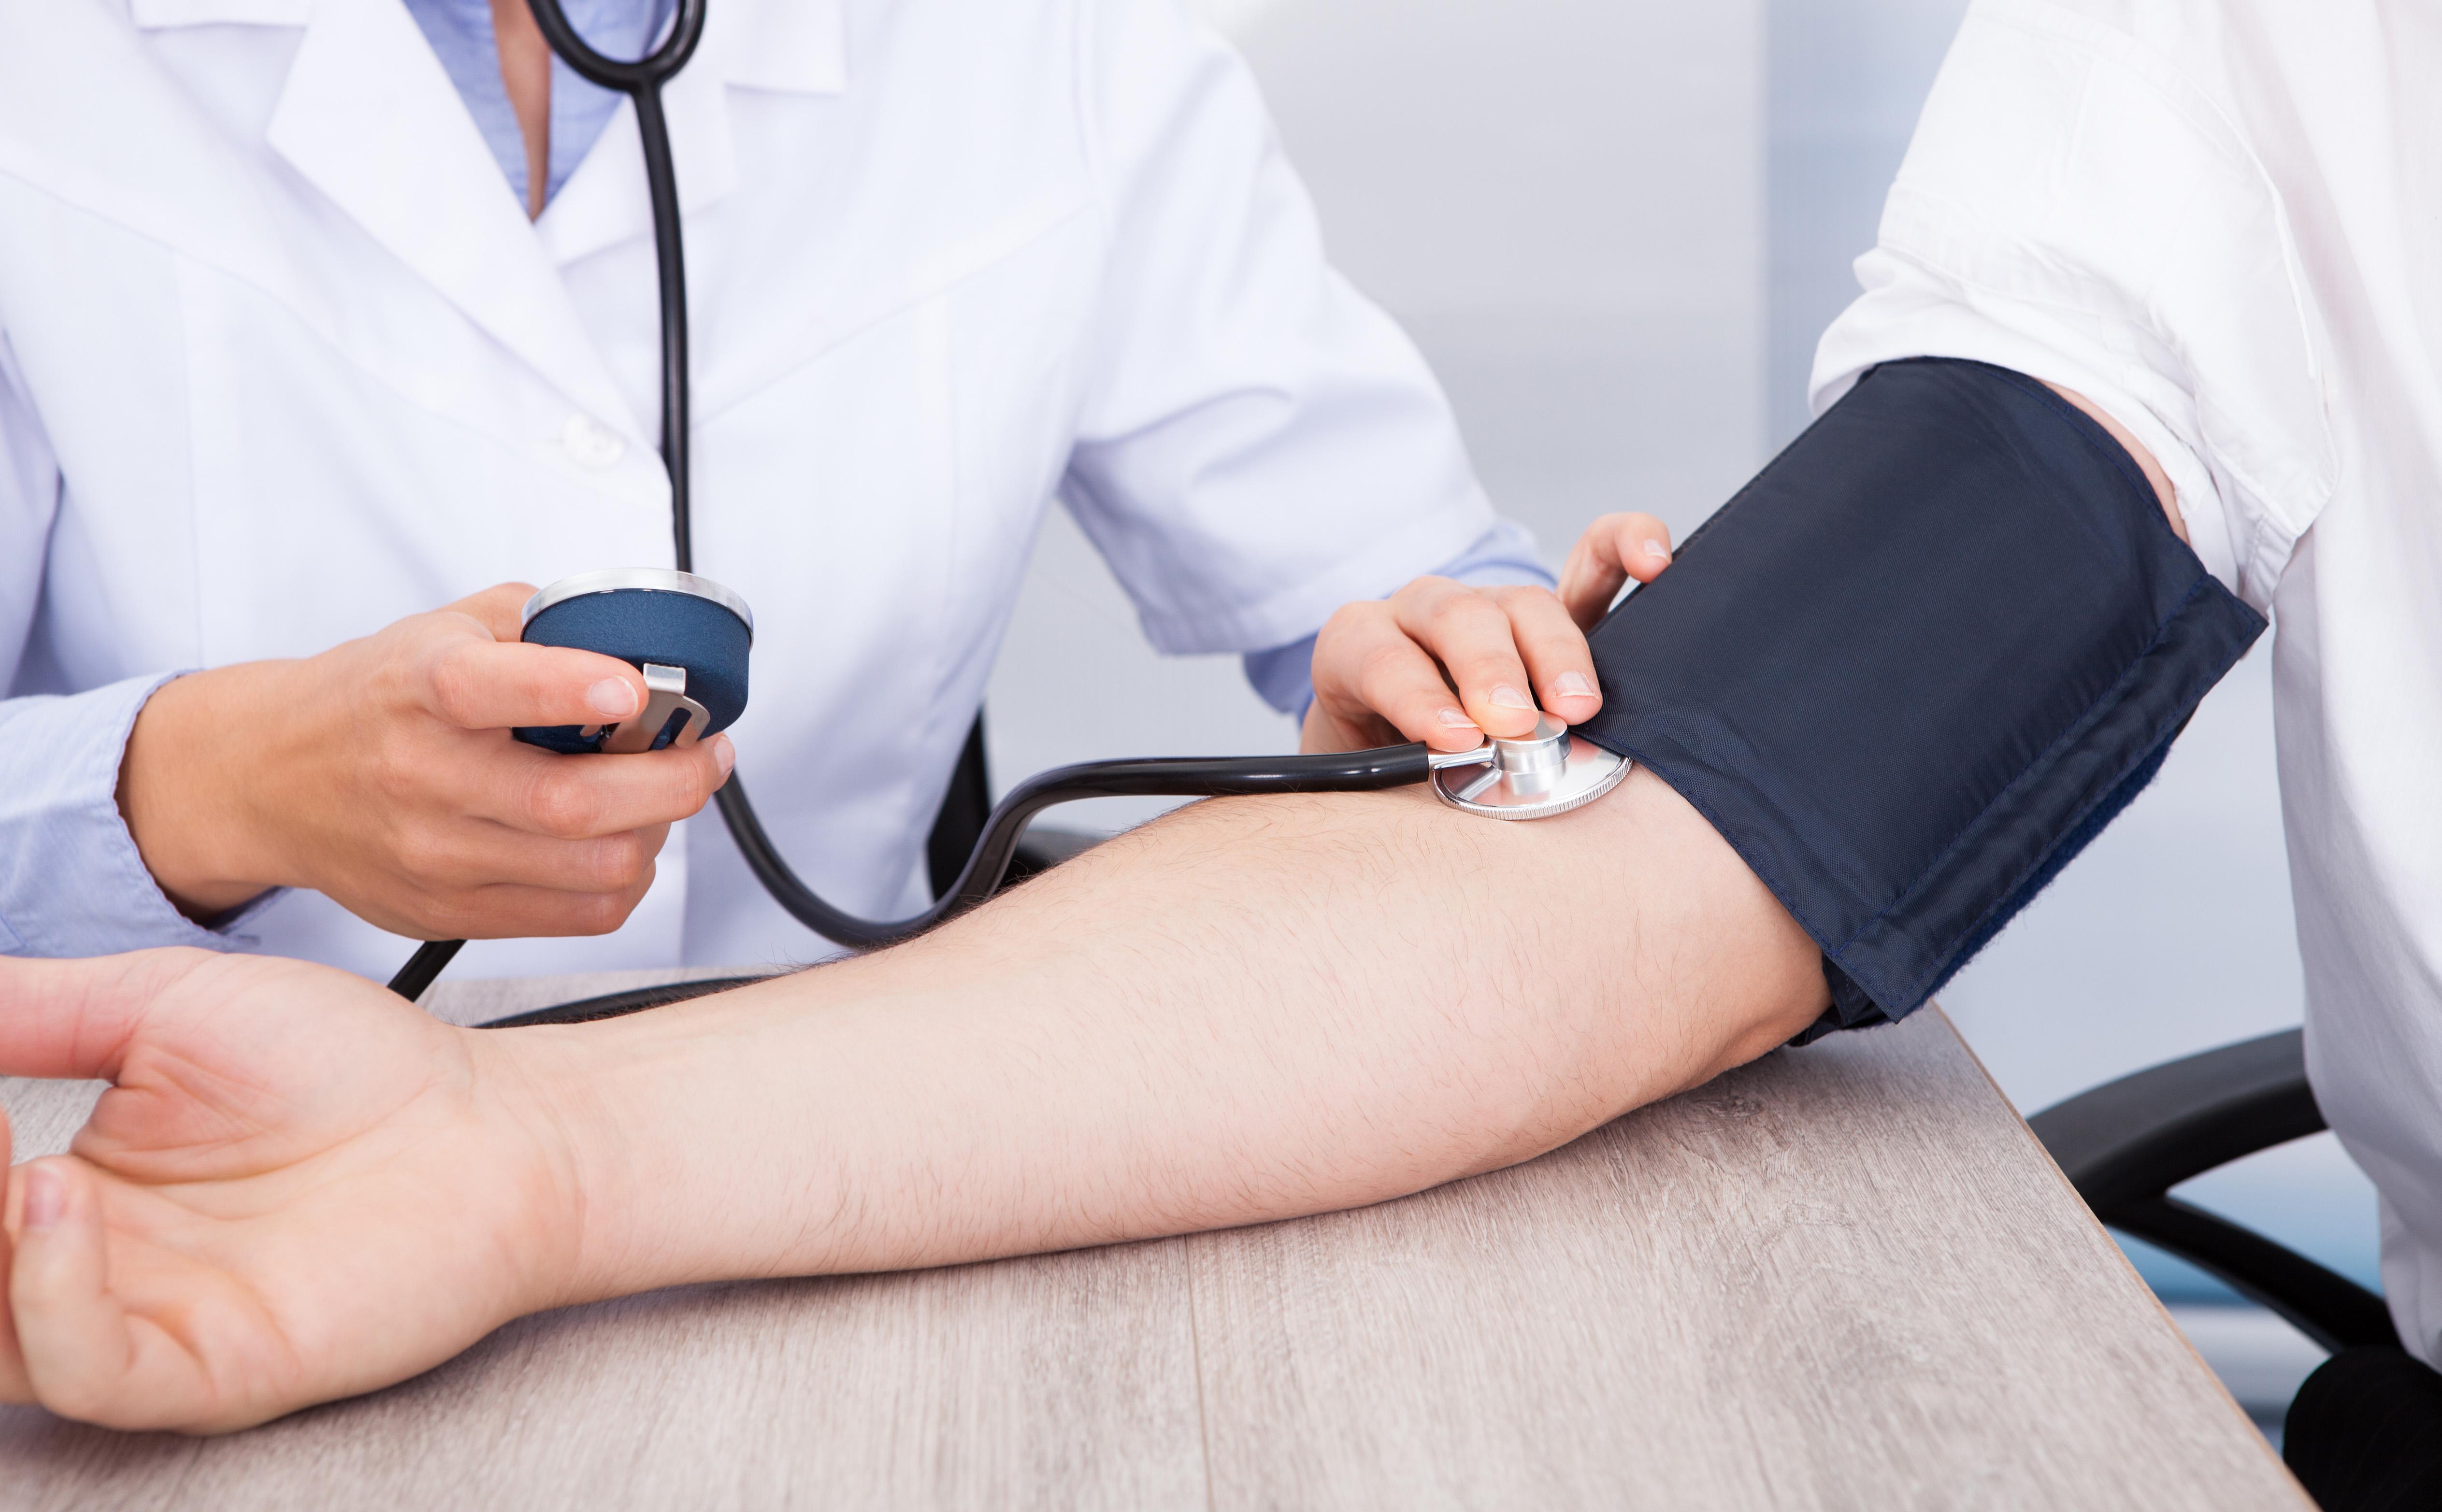 mit jelent a magas vérnyomás)